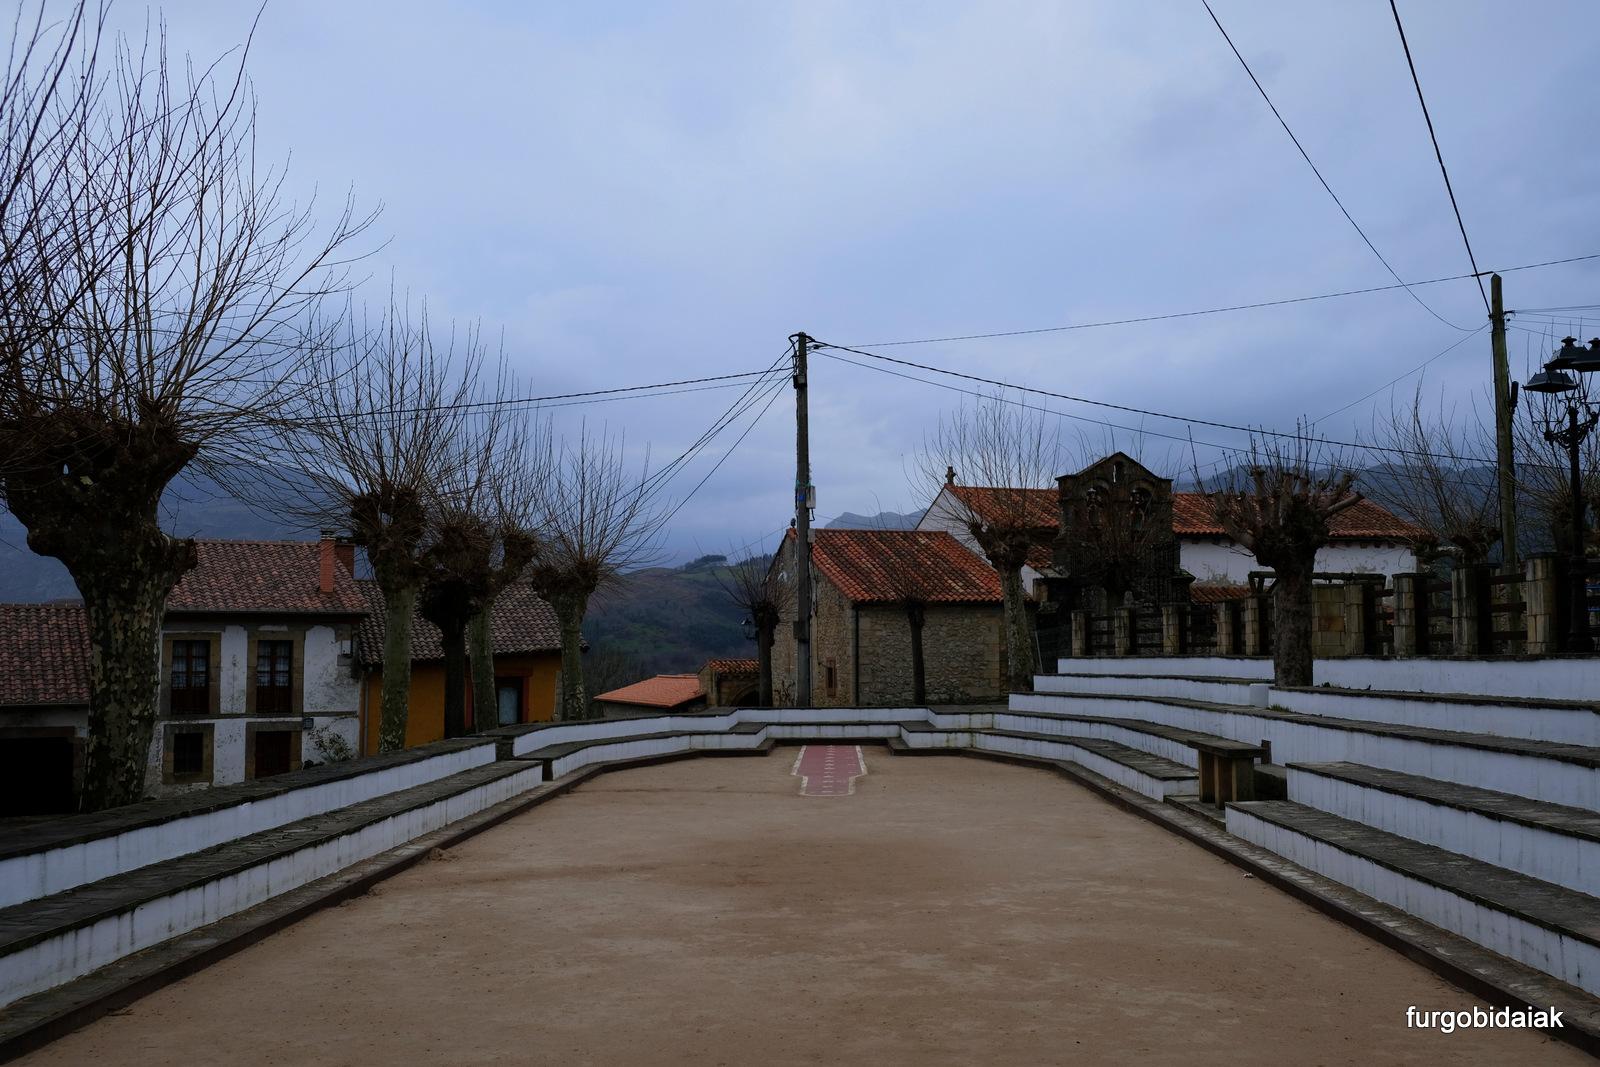 La bolera del Zurdo, Bielva, Cantabria